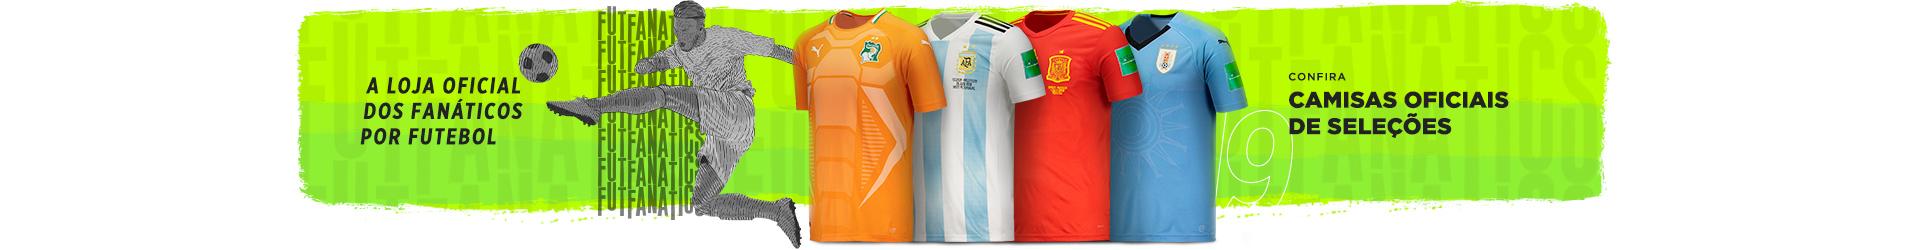 Camisas Oficiais de Futebol das Principais Seleções Africanas ... cbacea4f14fdd